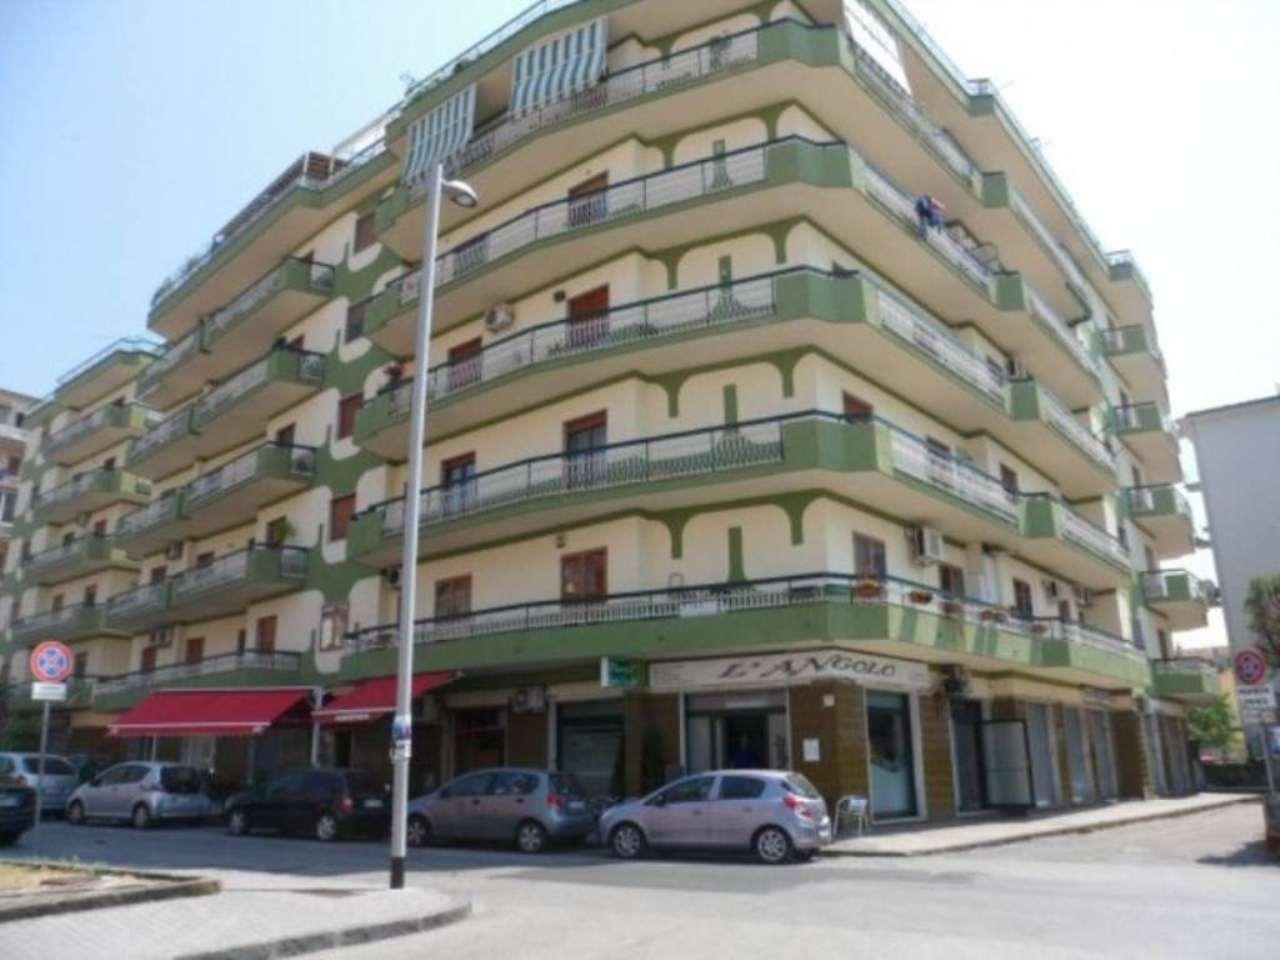 Appartamento in vendita a Benevento, 6 locali, prezzo € 420.000 | CambioCasa.it